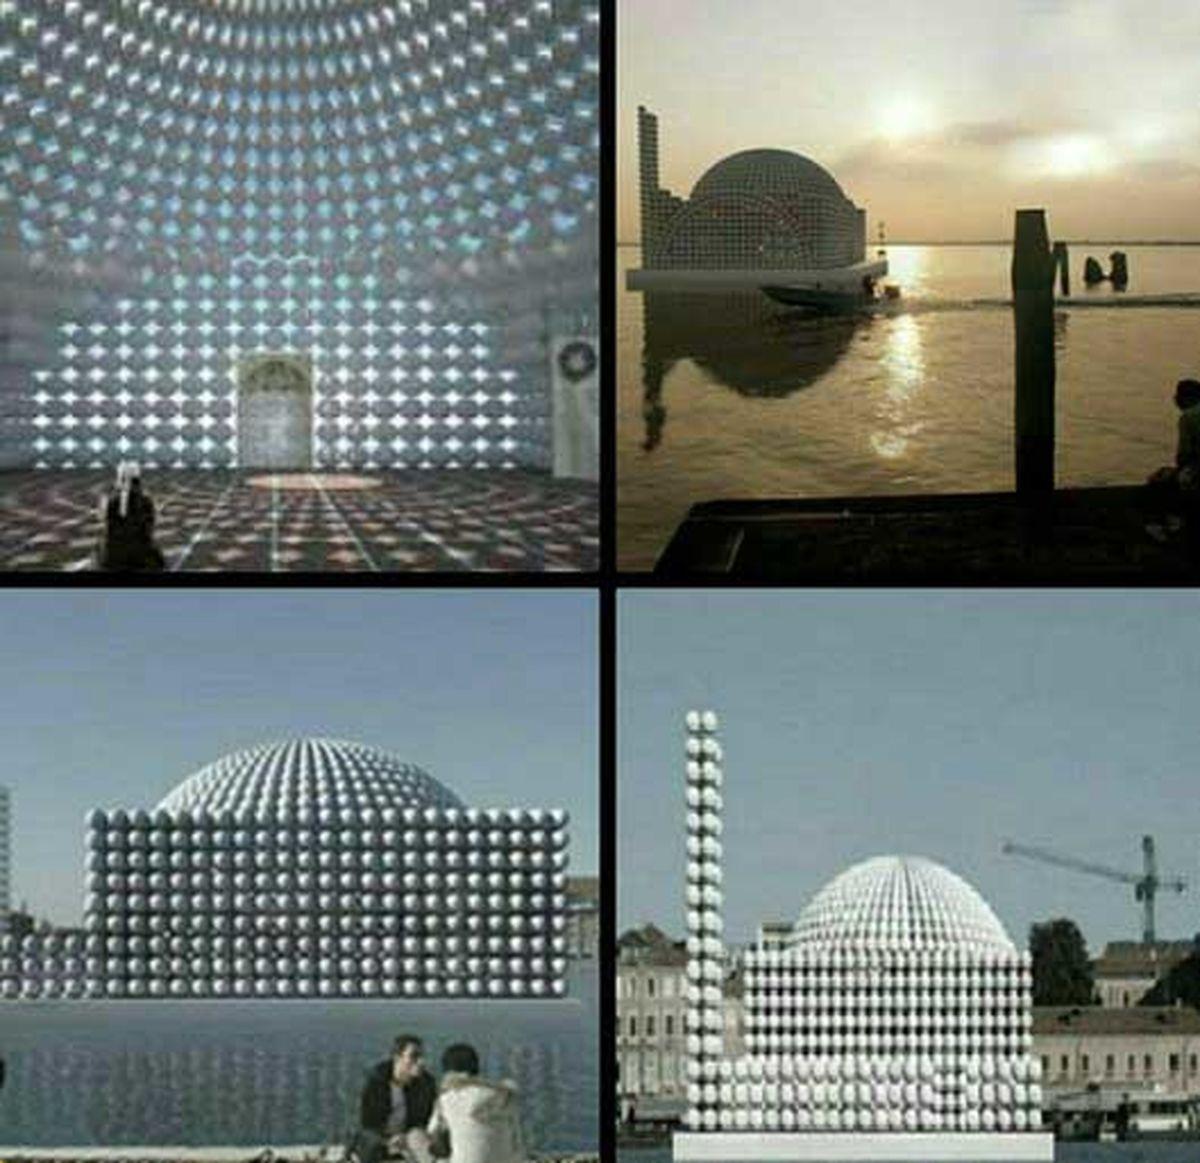 تصاویر یکی از عجیب ترین مساجد جهان.